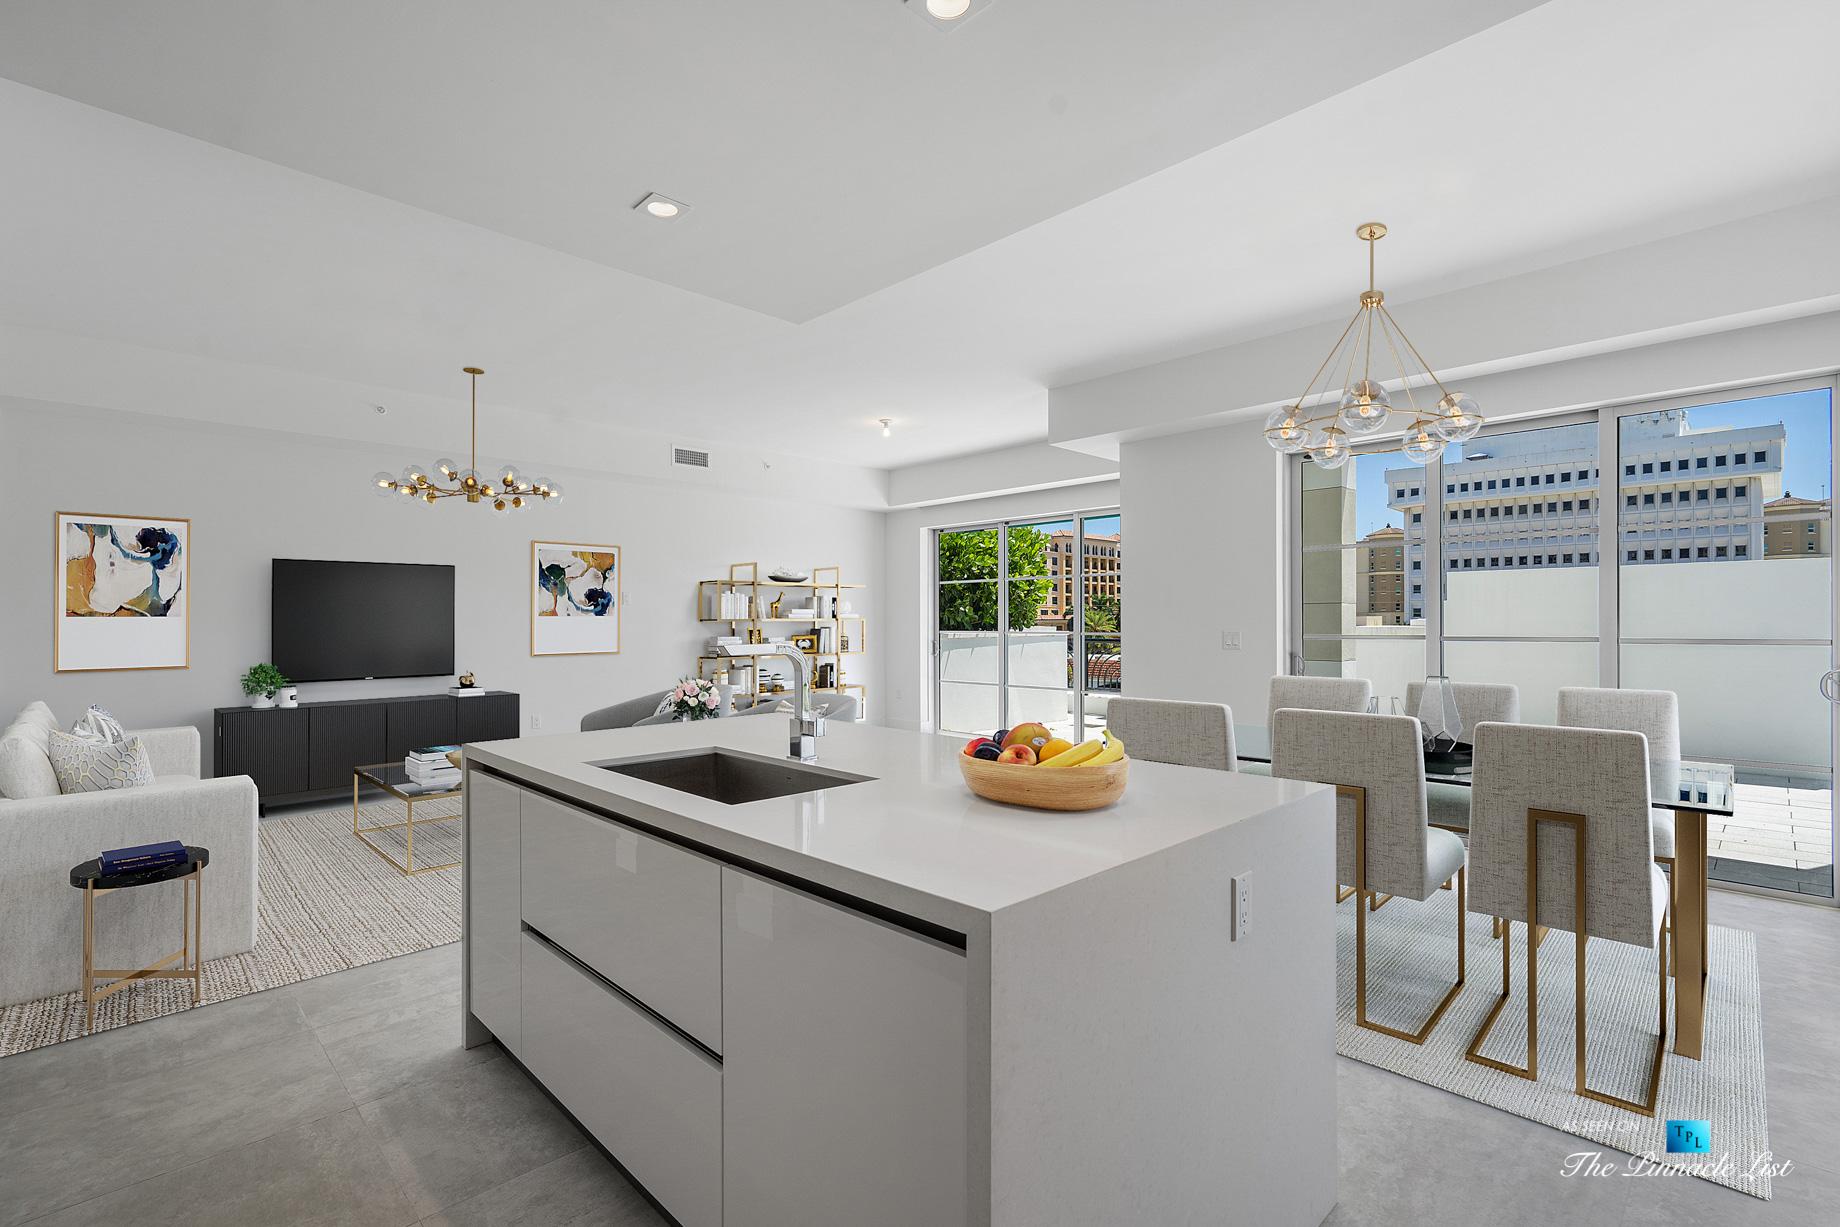 Boca Tower 155 Luxury Condo – Unit 416, 155 E Boca Raton Rd, Boca Raton, FL, USA – Kitchen